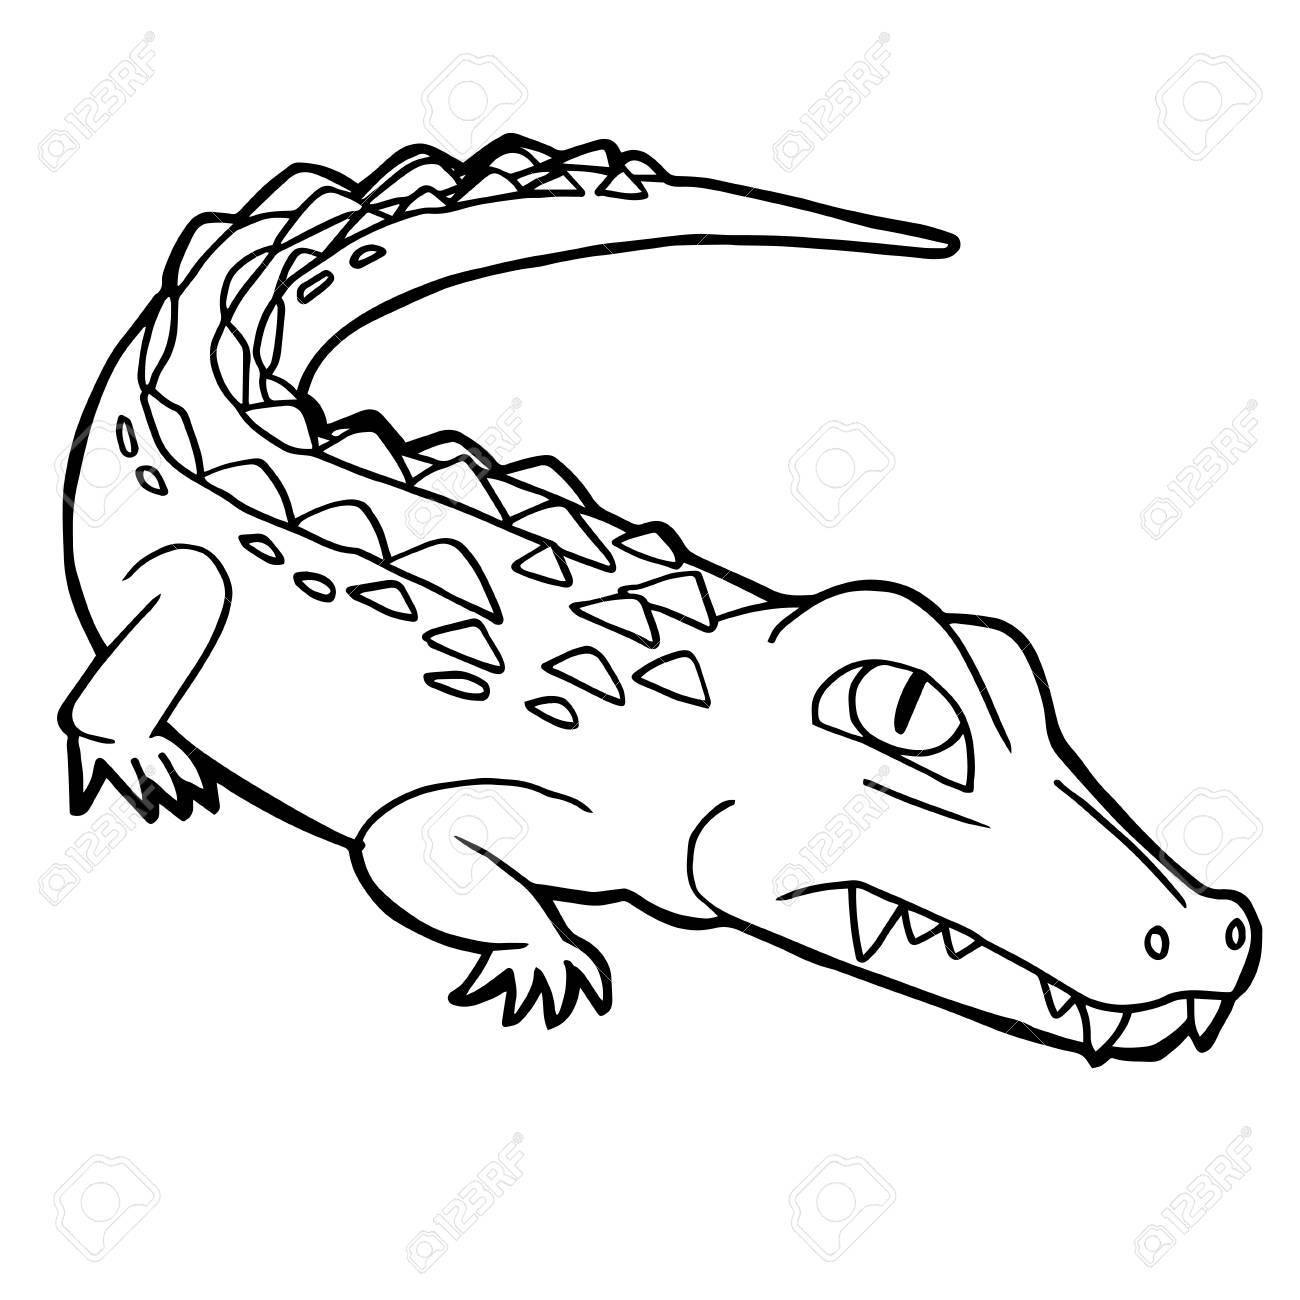 Dessin Anime Mignon Crocodile Illustration Vectorielle De Page A